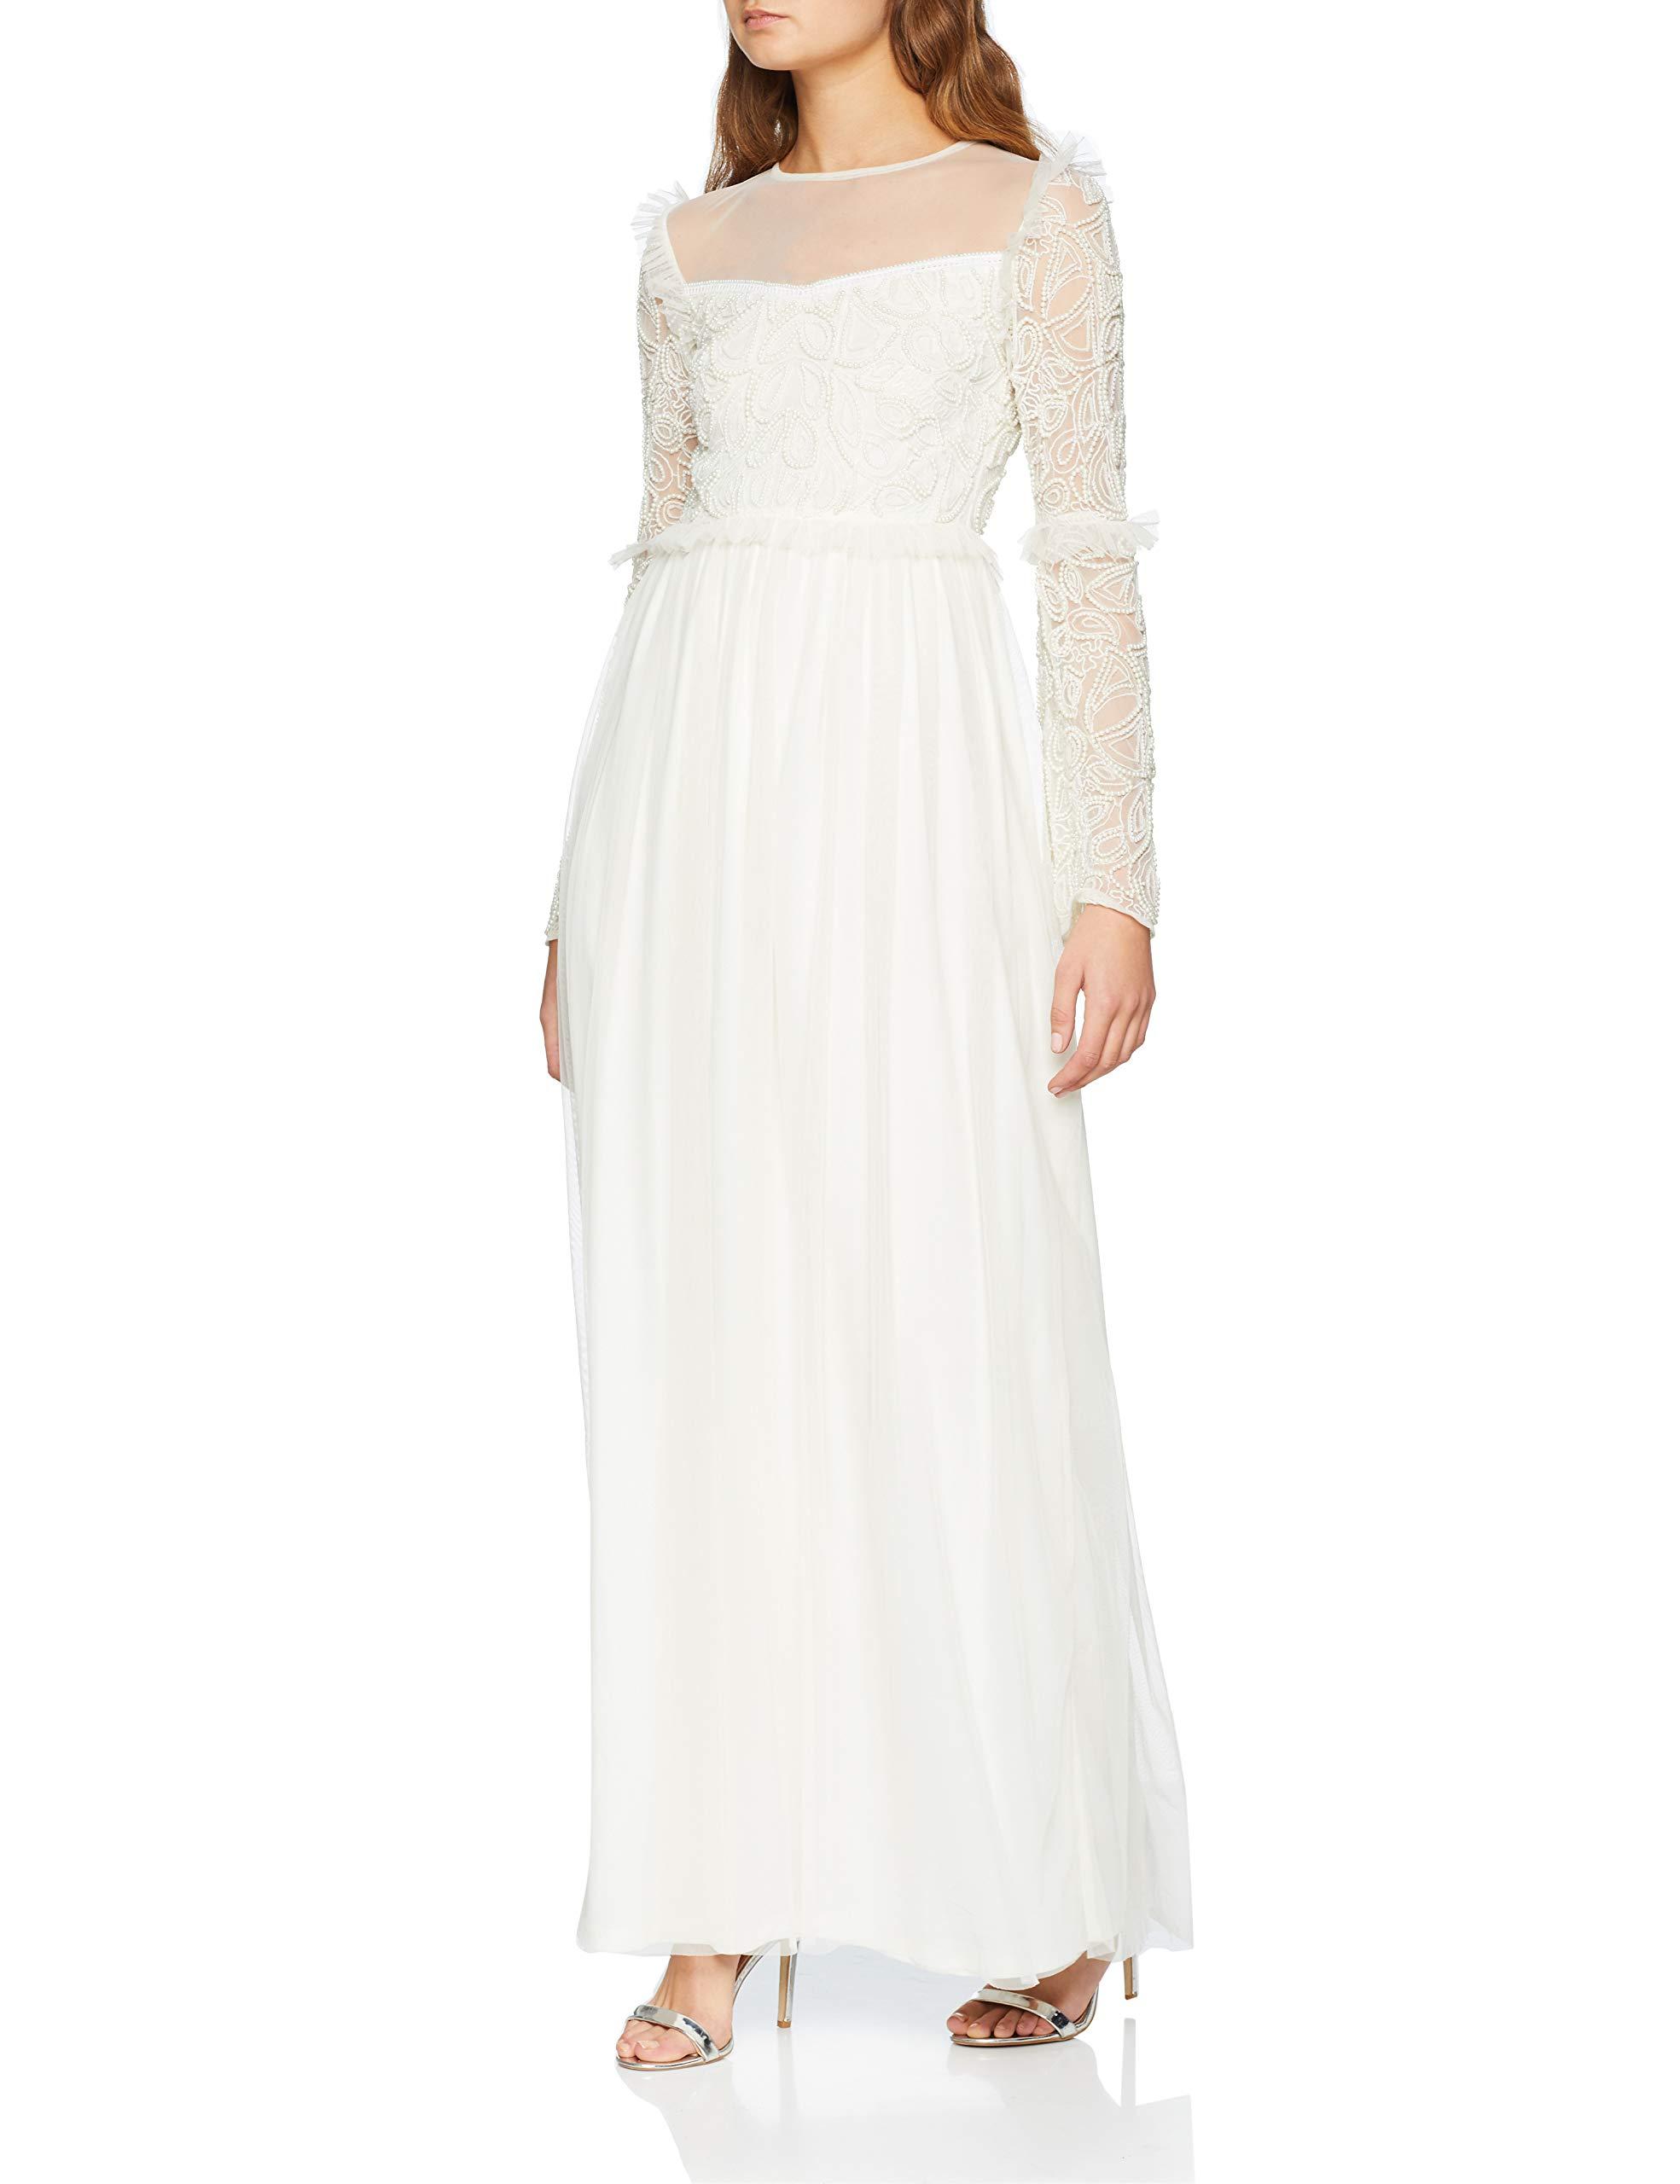 Bodice Embellished Maxi With Ffffff42 Amelia Rose Femme RobeBlancwhite Dress Long Sleeves wuOPiTkXZ